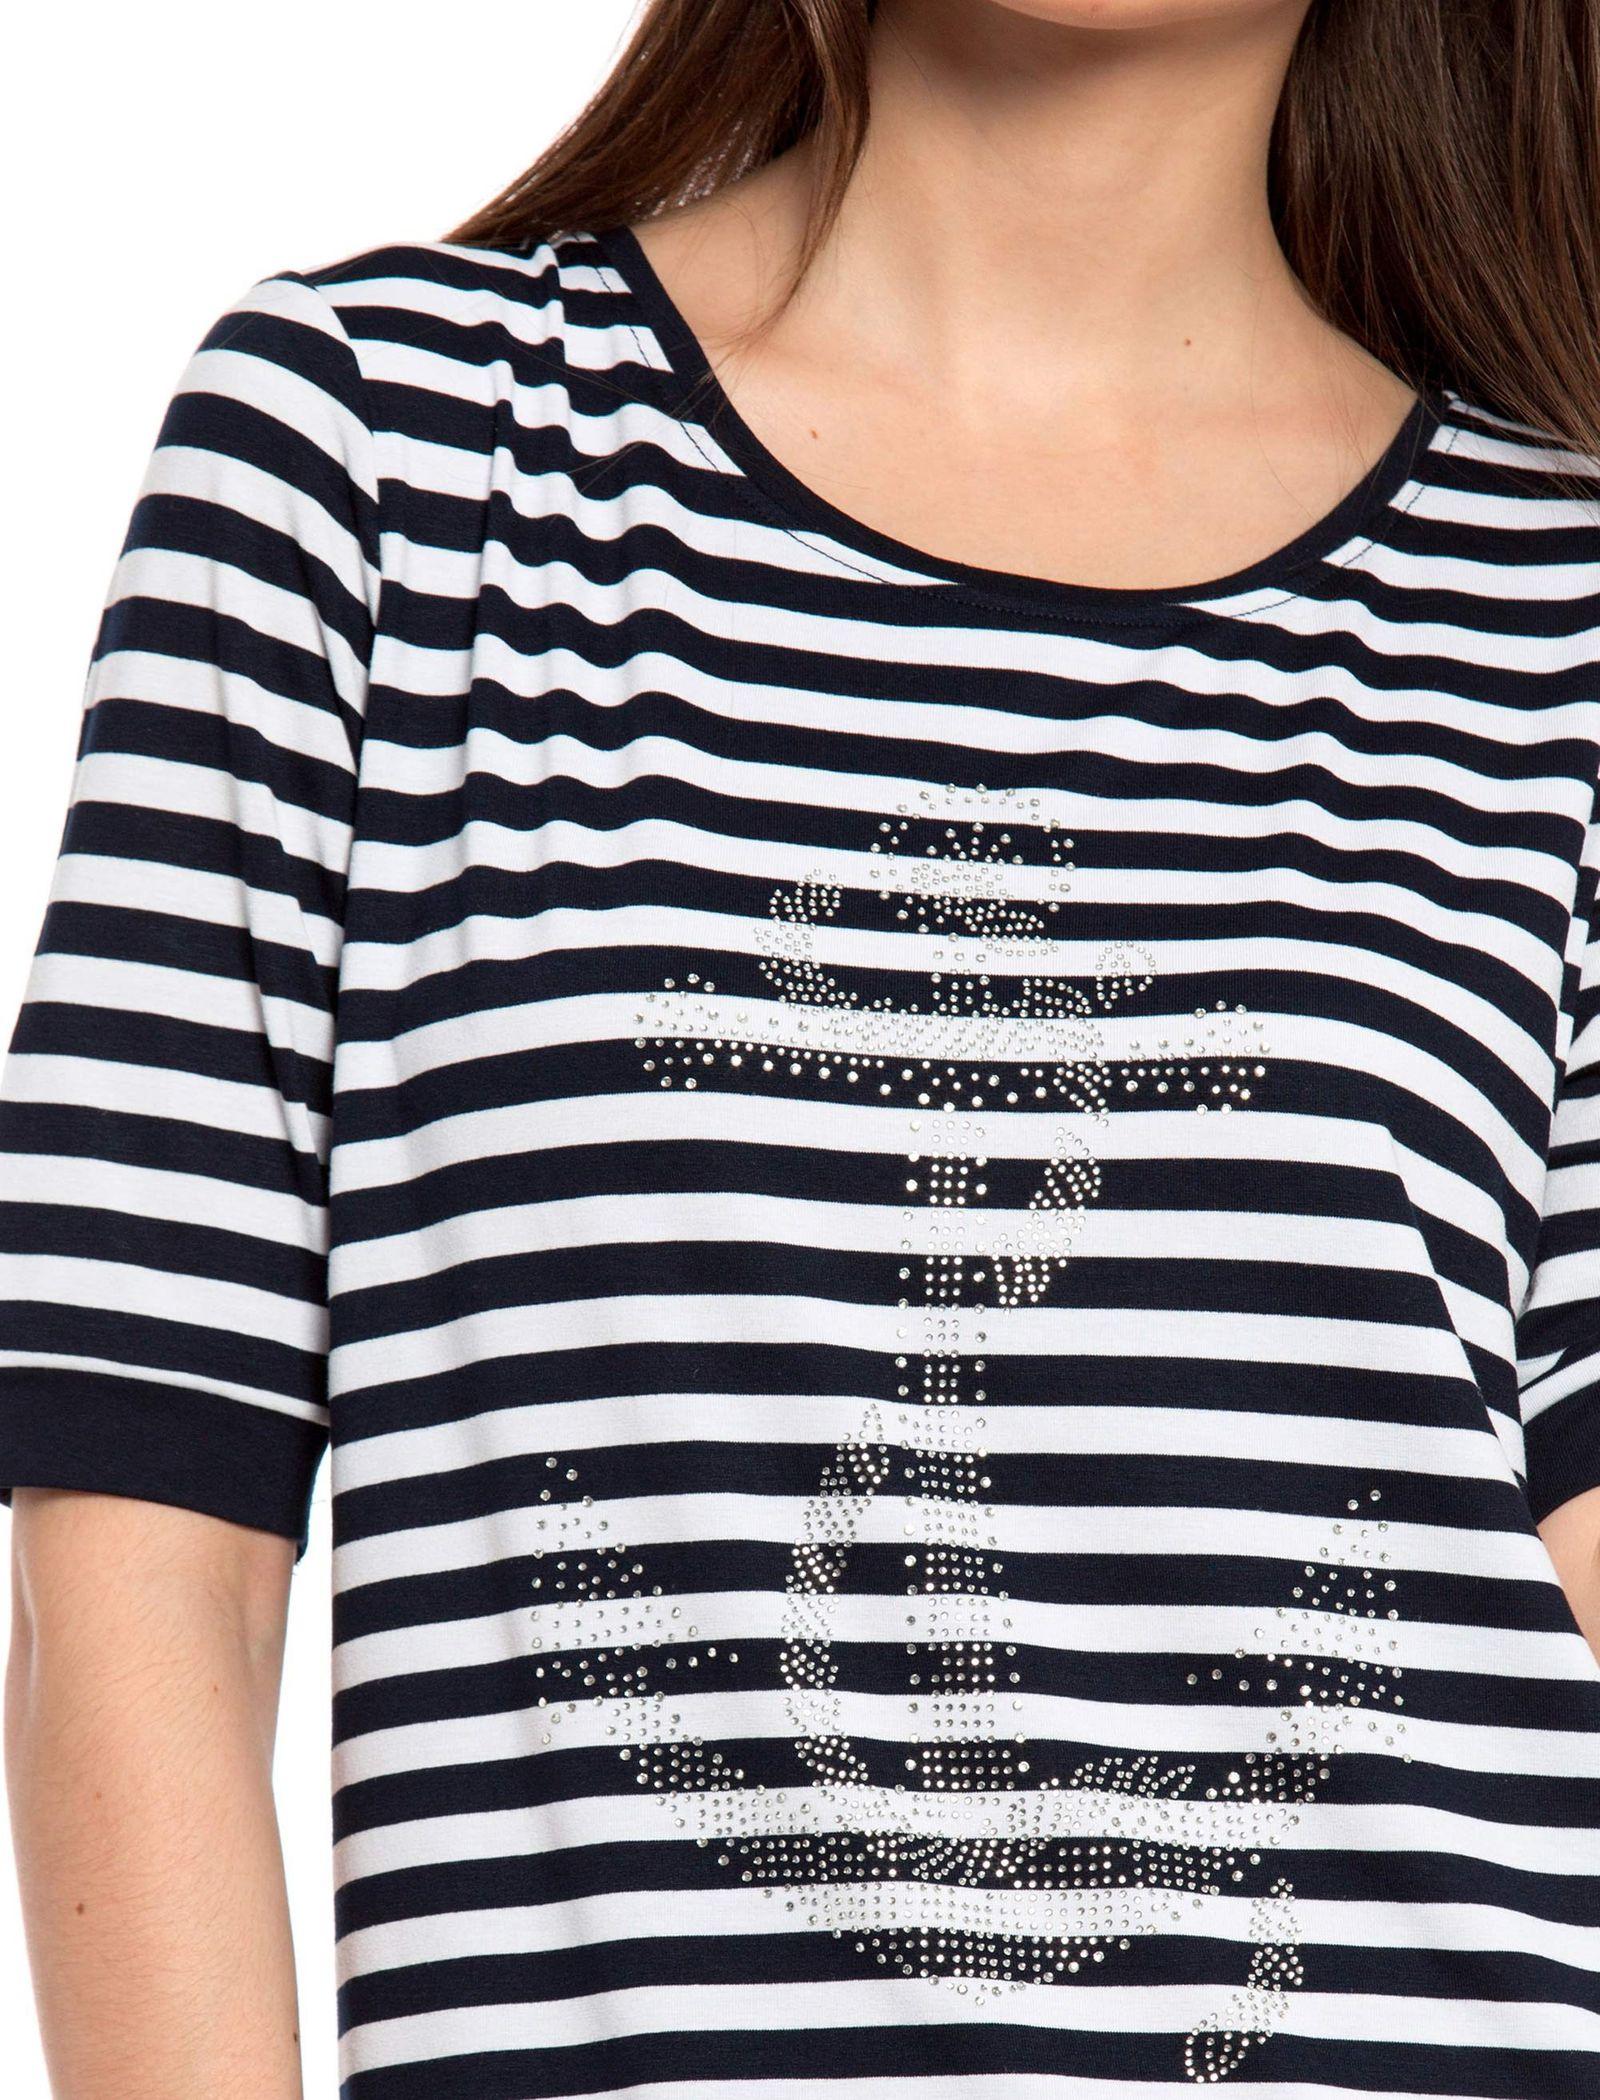 تی شرت ویسکوز یقه گرد زنانه - ال سی وایکیکی - سرمه اي و سفيد - 3